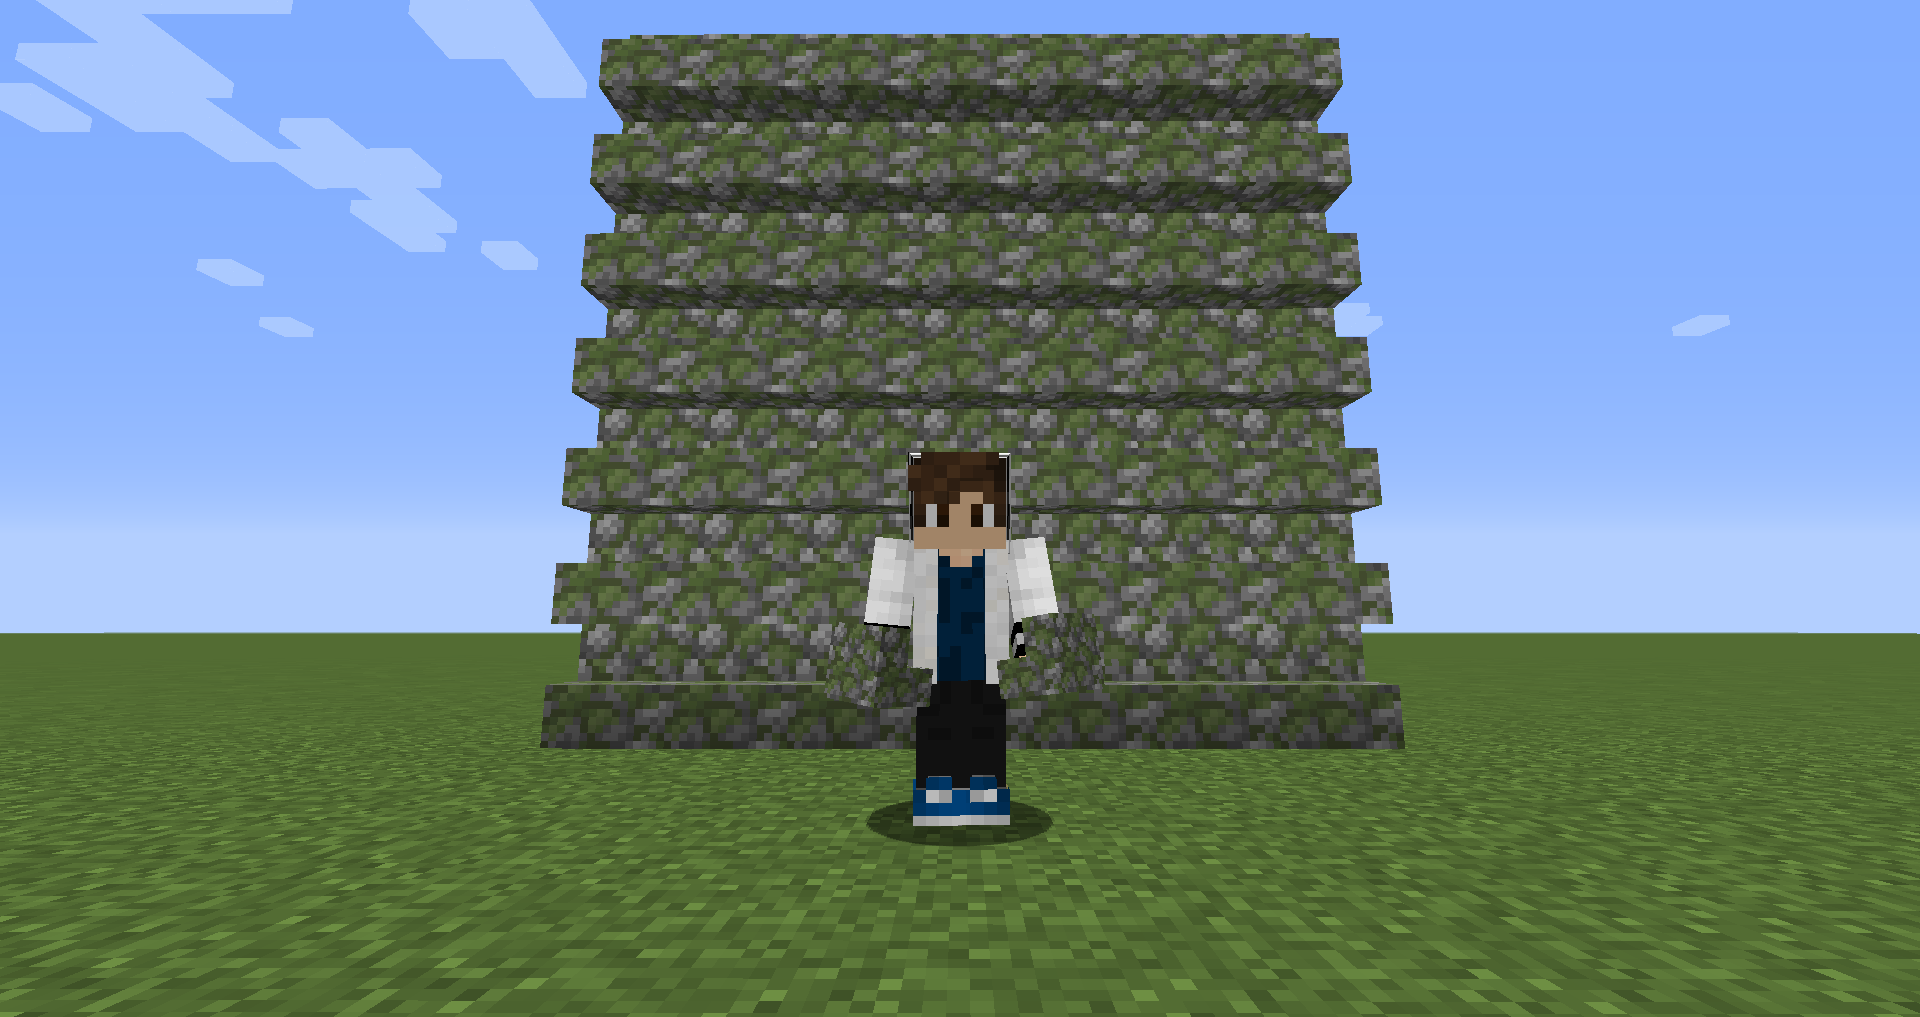 【マイクラ(JE)】苔むした丸石の階段の入手方法と使い道を解説(もさもさのマインクラフト)